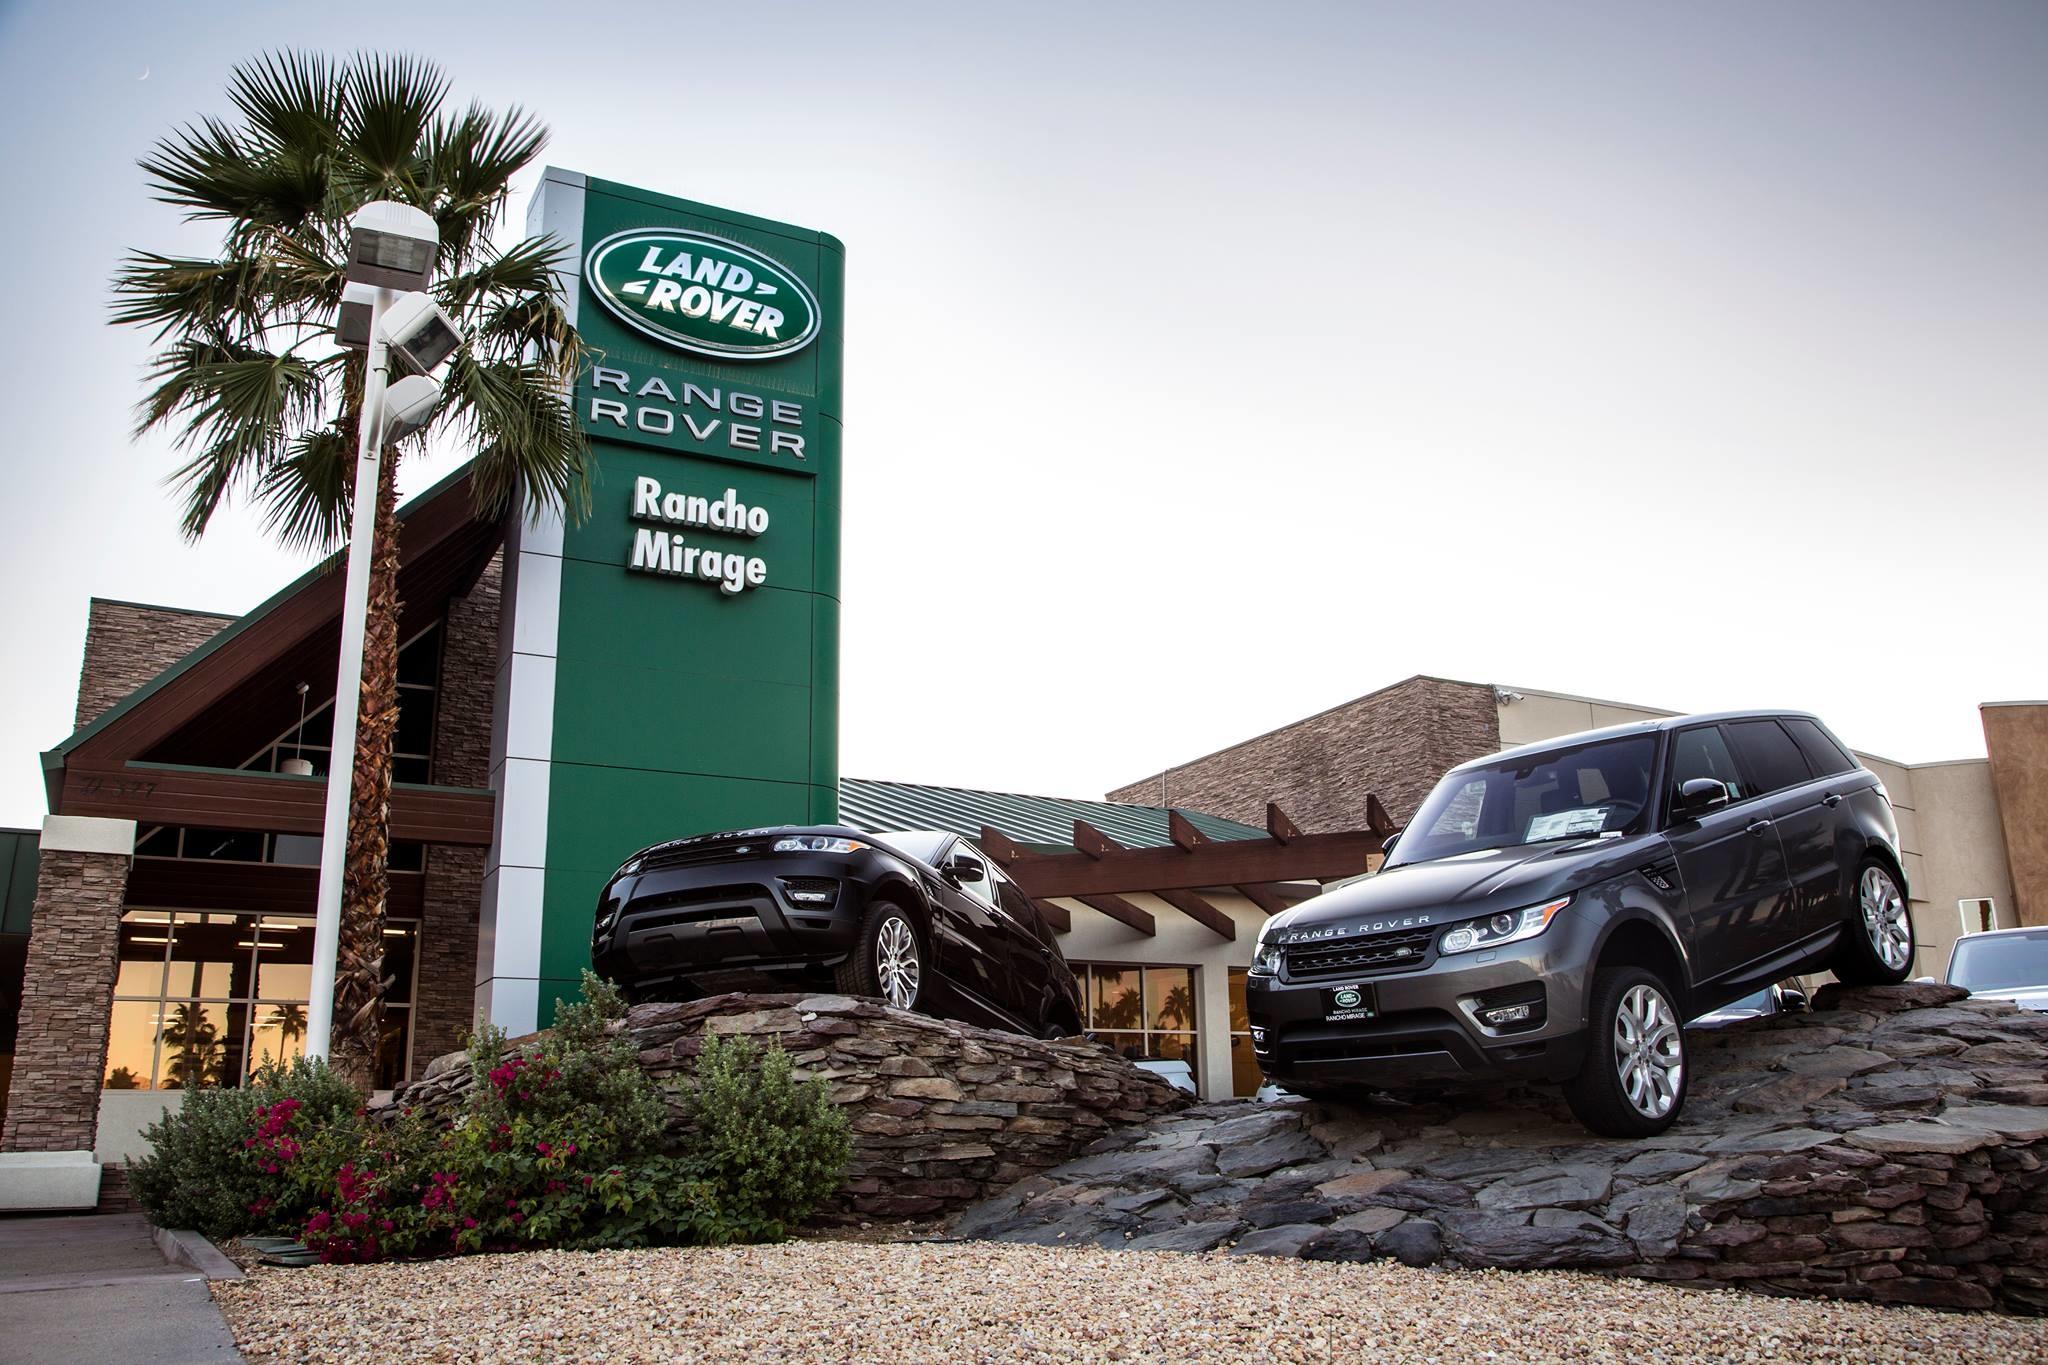 Land Rover Rancho Mirage Hwy 11 Rancho Mirage CA Auto